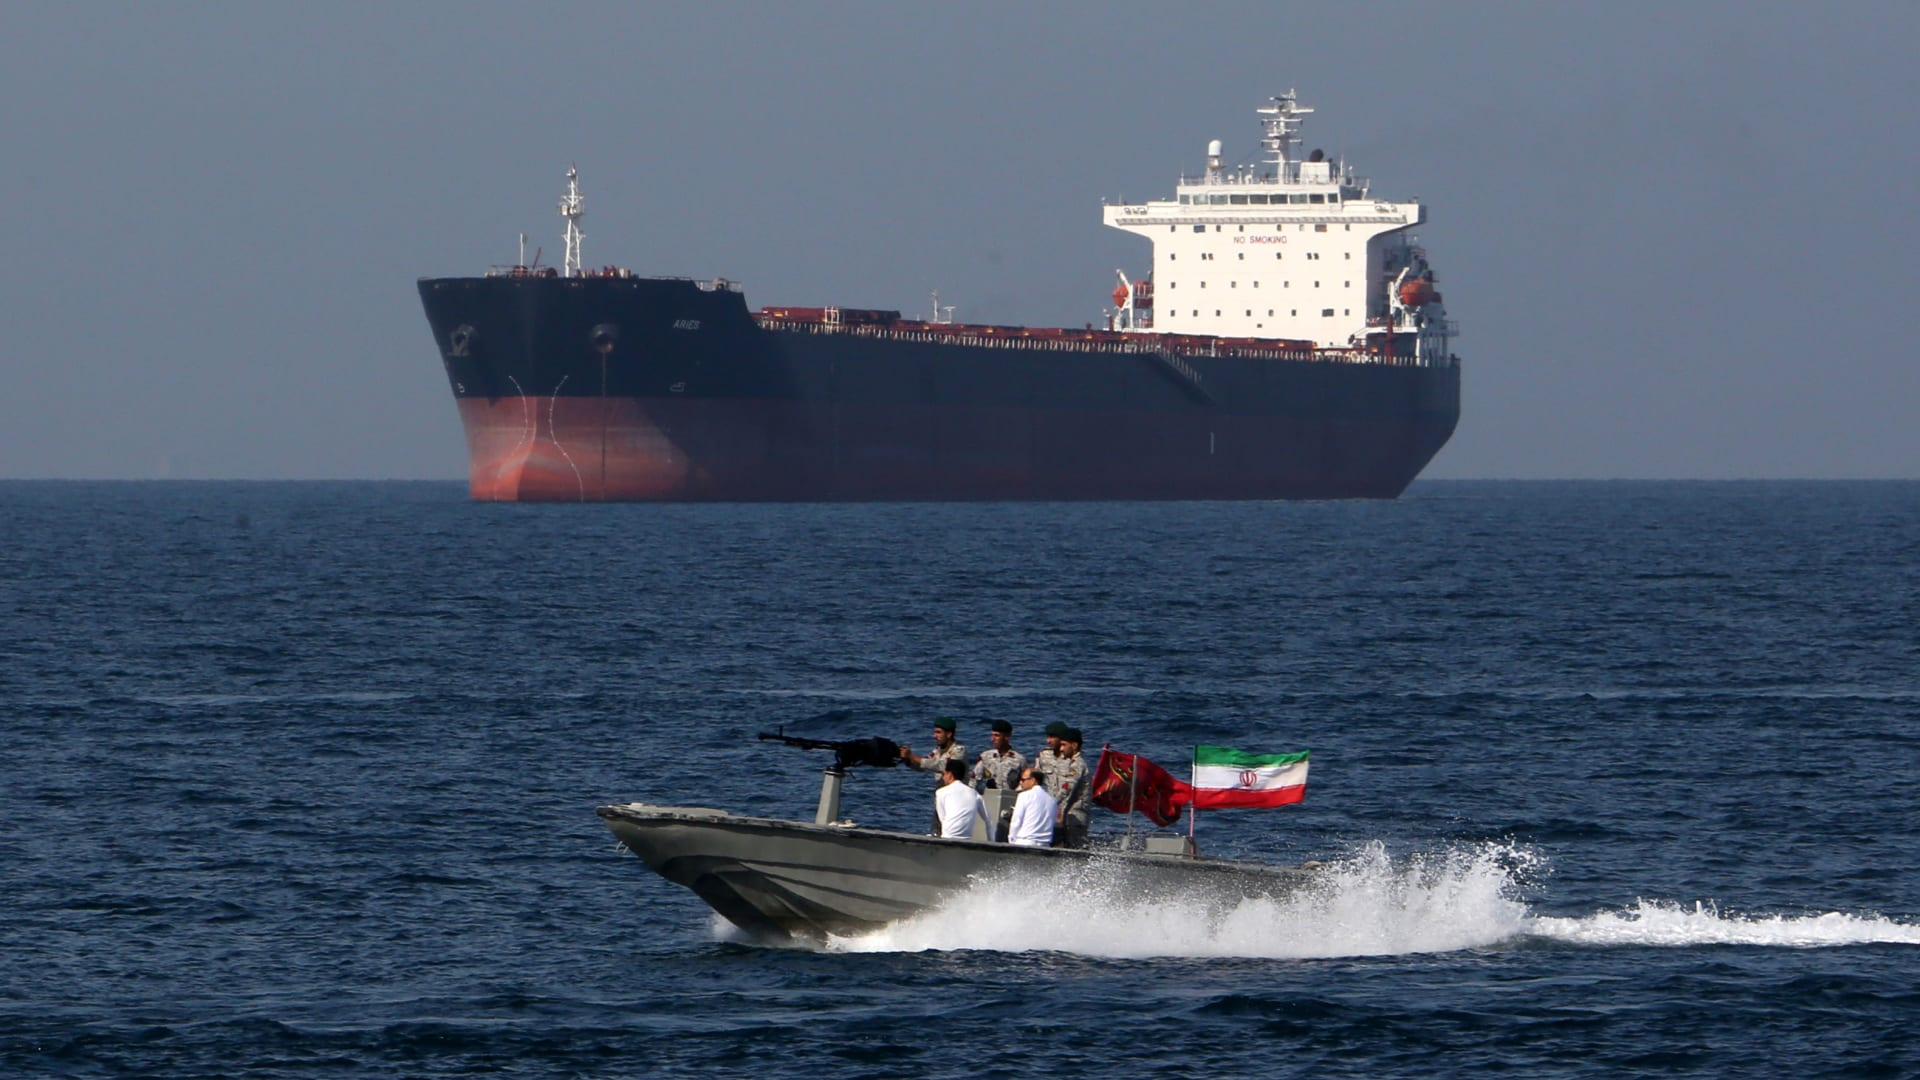 خشية من تداعيات مقتل سليماني.. شركة النفط البرازيلية تُعلق مرور سفنها عبر مضيق هرمز